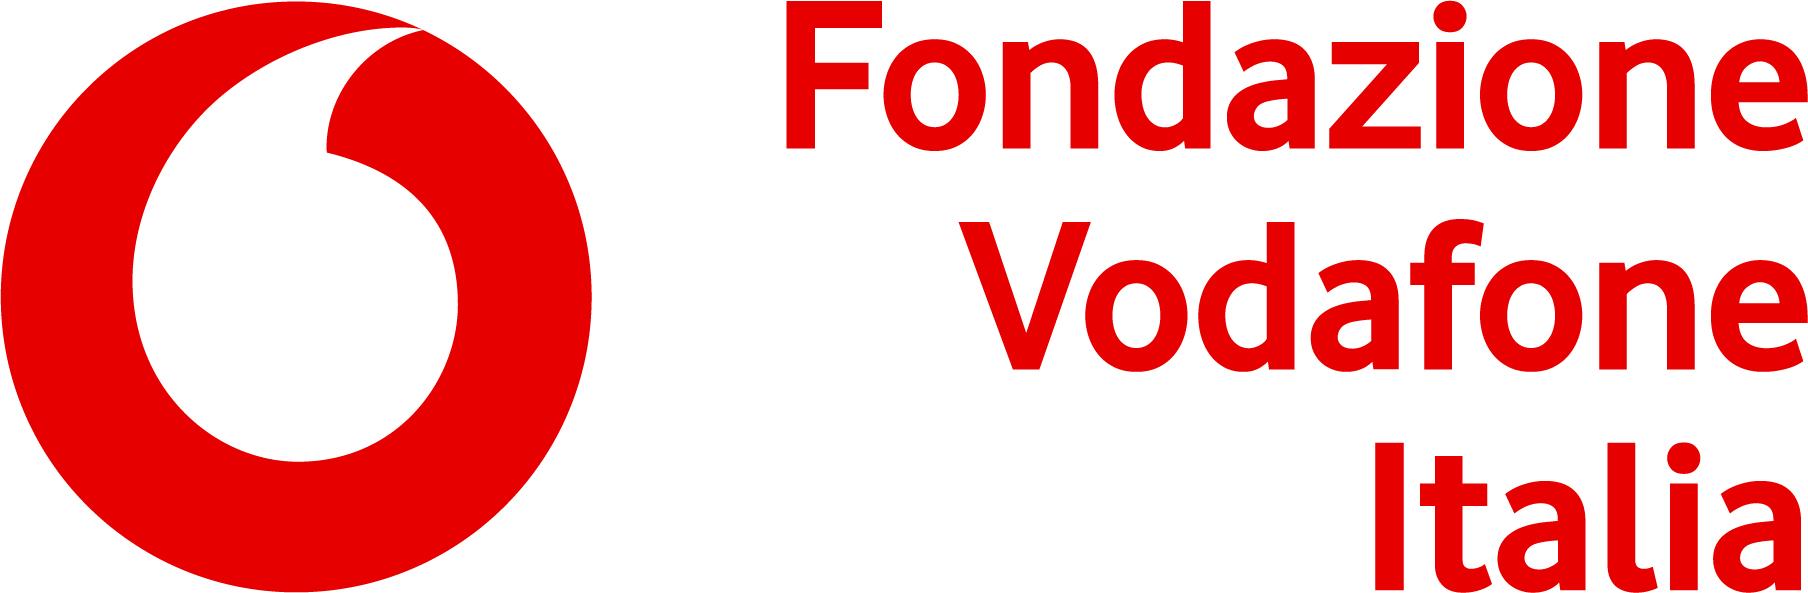 fondazione-vodafone